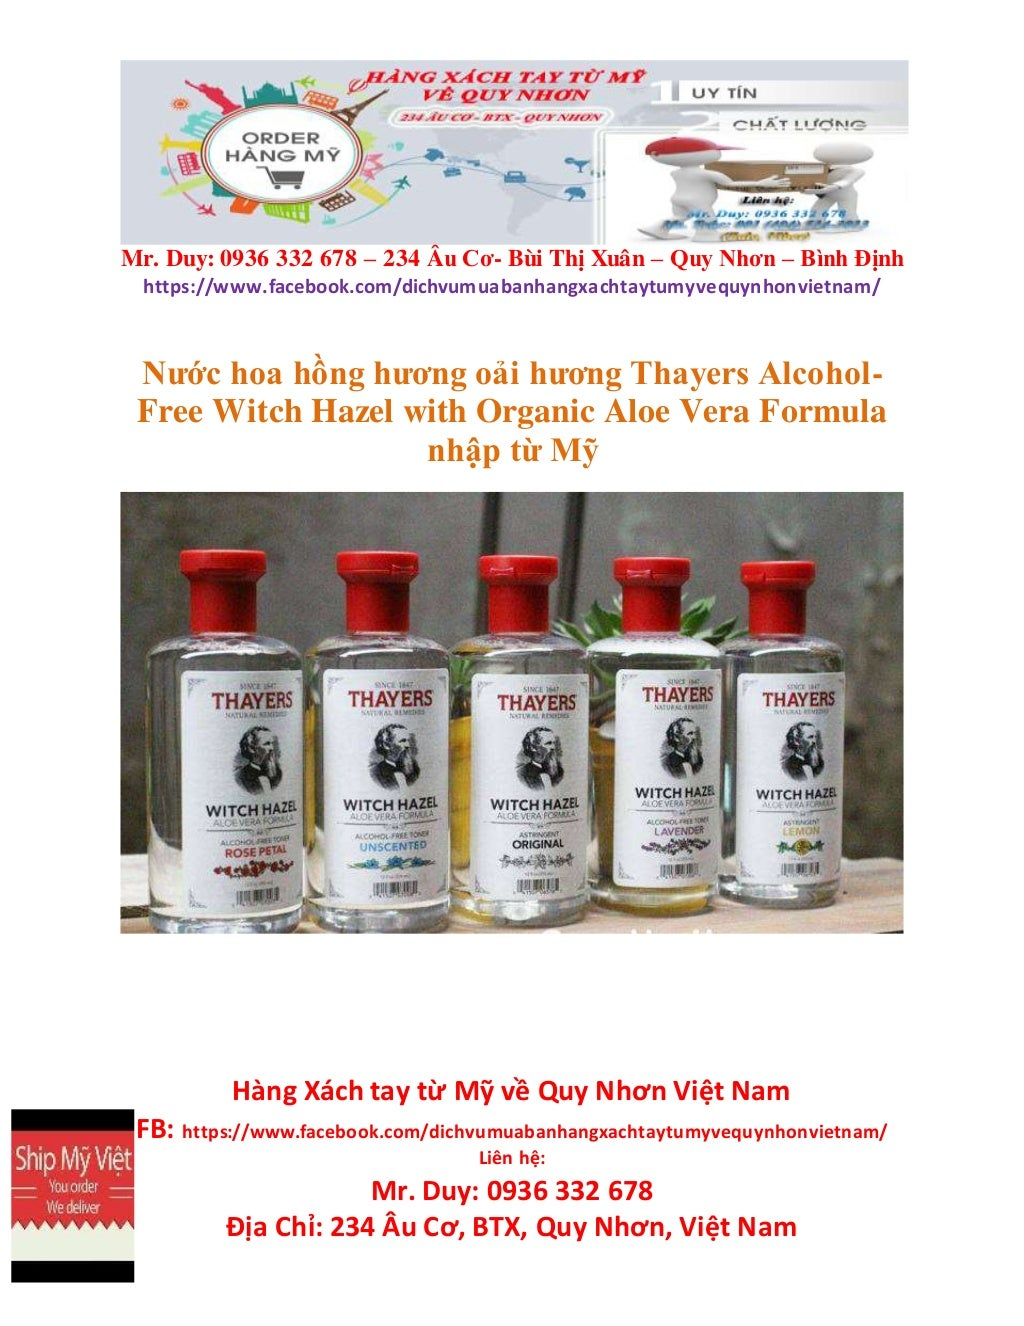 Nơi nào mua thuốc bổ xách tay tại Quy Nhơn uy tín - Magazine cover